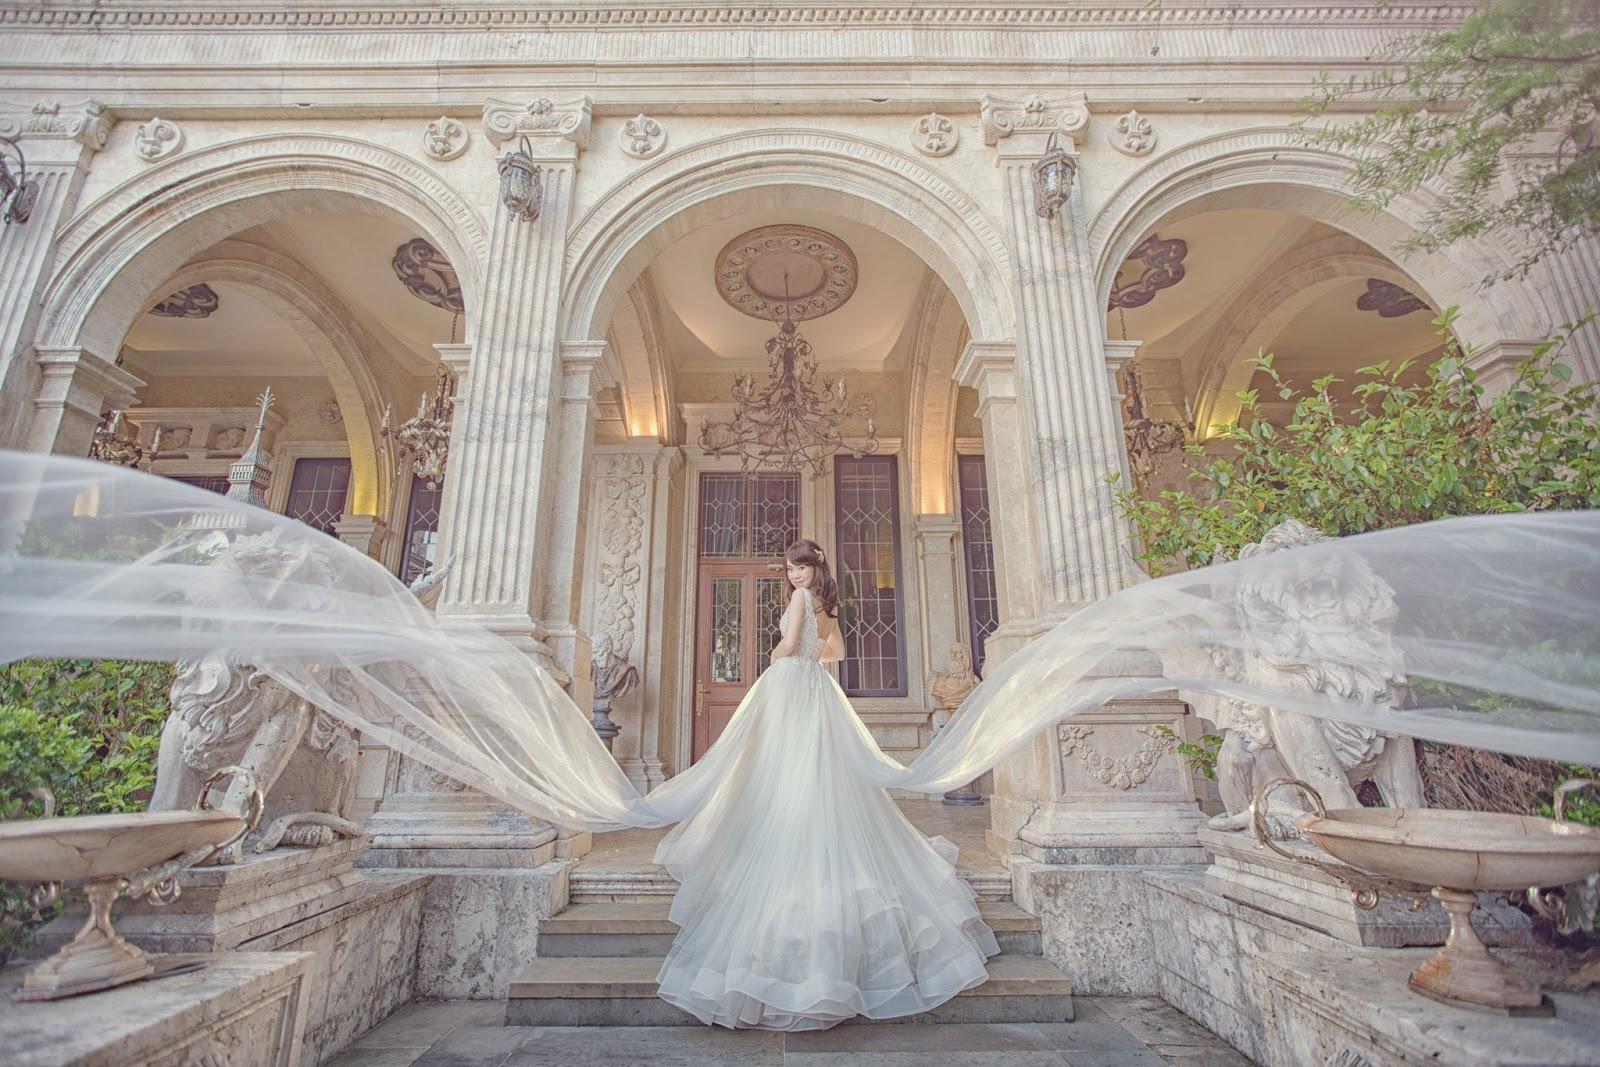 [老英格蘭婚紗] 國內自助婚紗 歐洲巴黎風格 香港新人 台北婚紗推薦 布拉格遊玩 城堡婚紗 白雪公主 超值婚紗 ptt結婚版